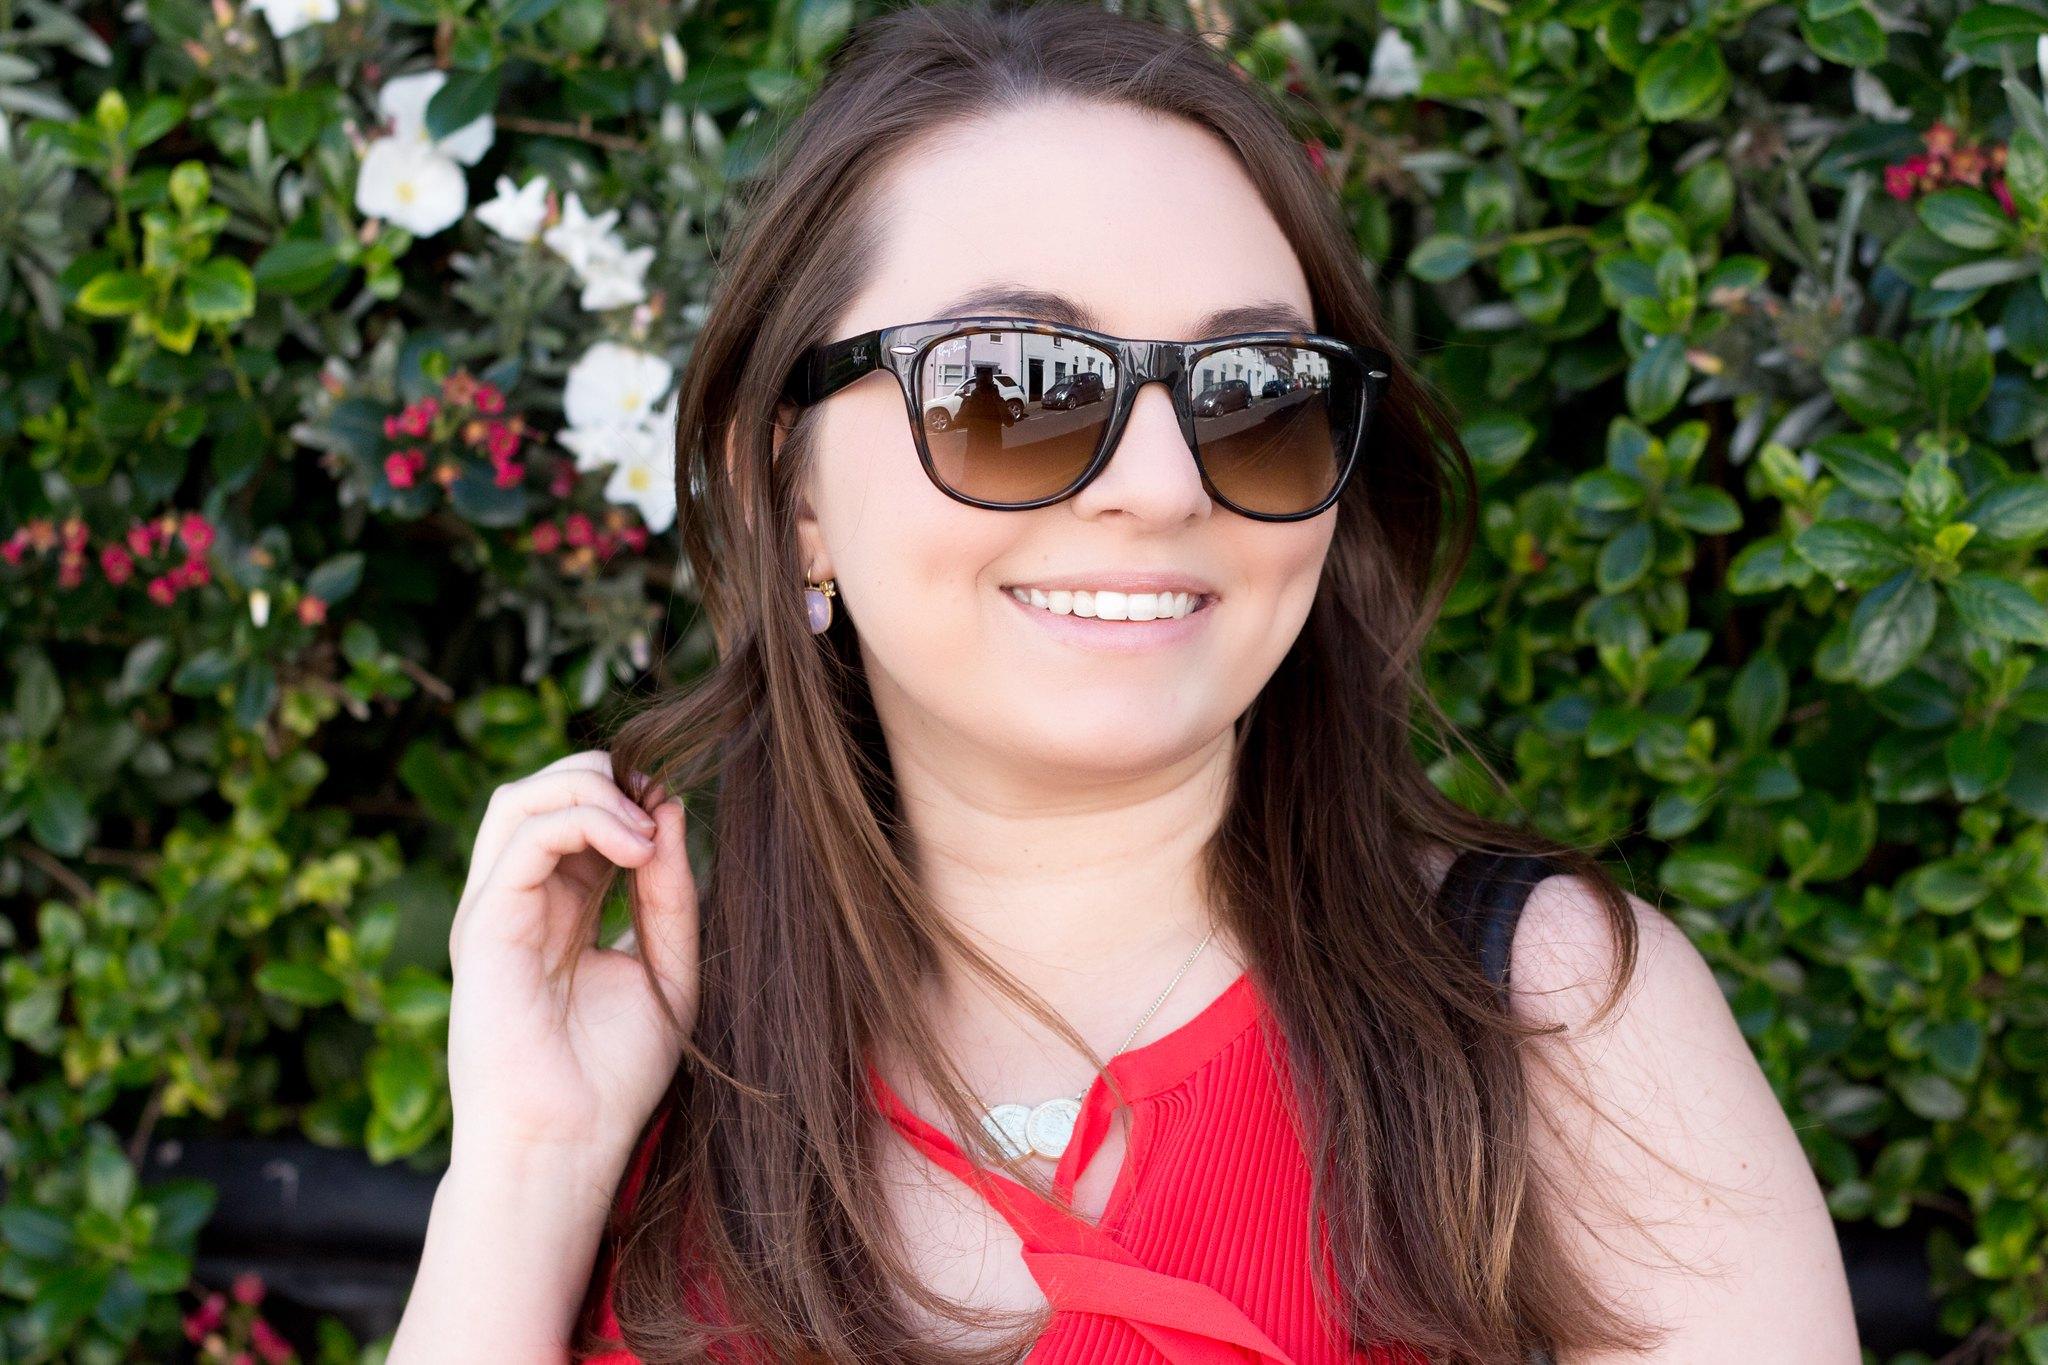 May doll rayban sunglasses